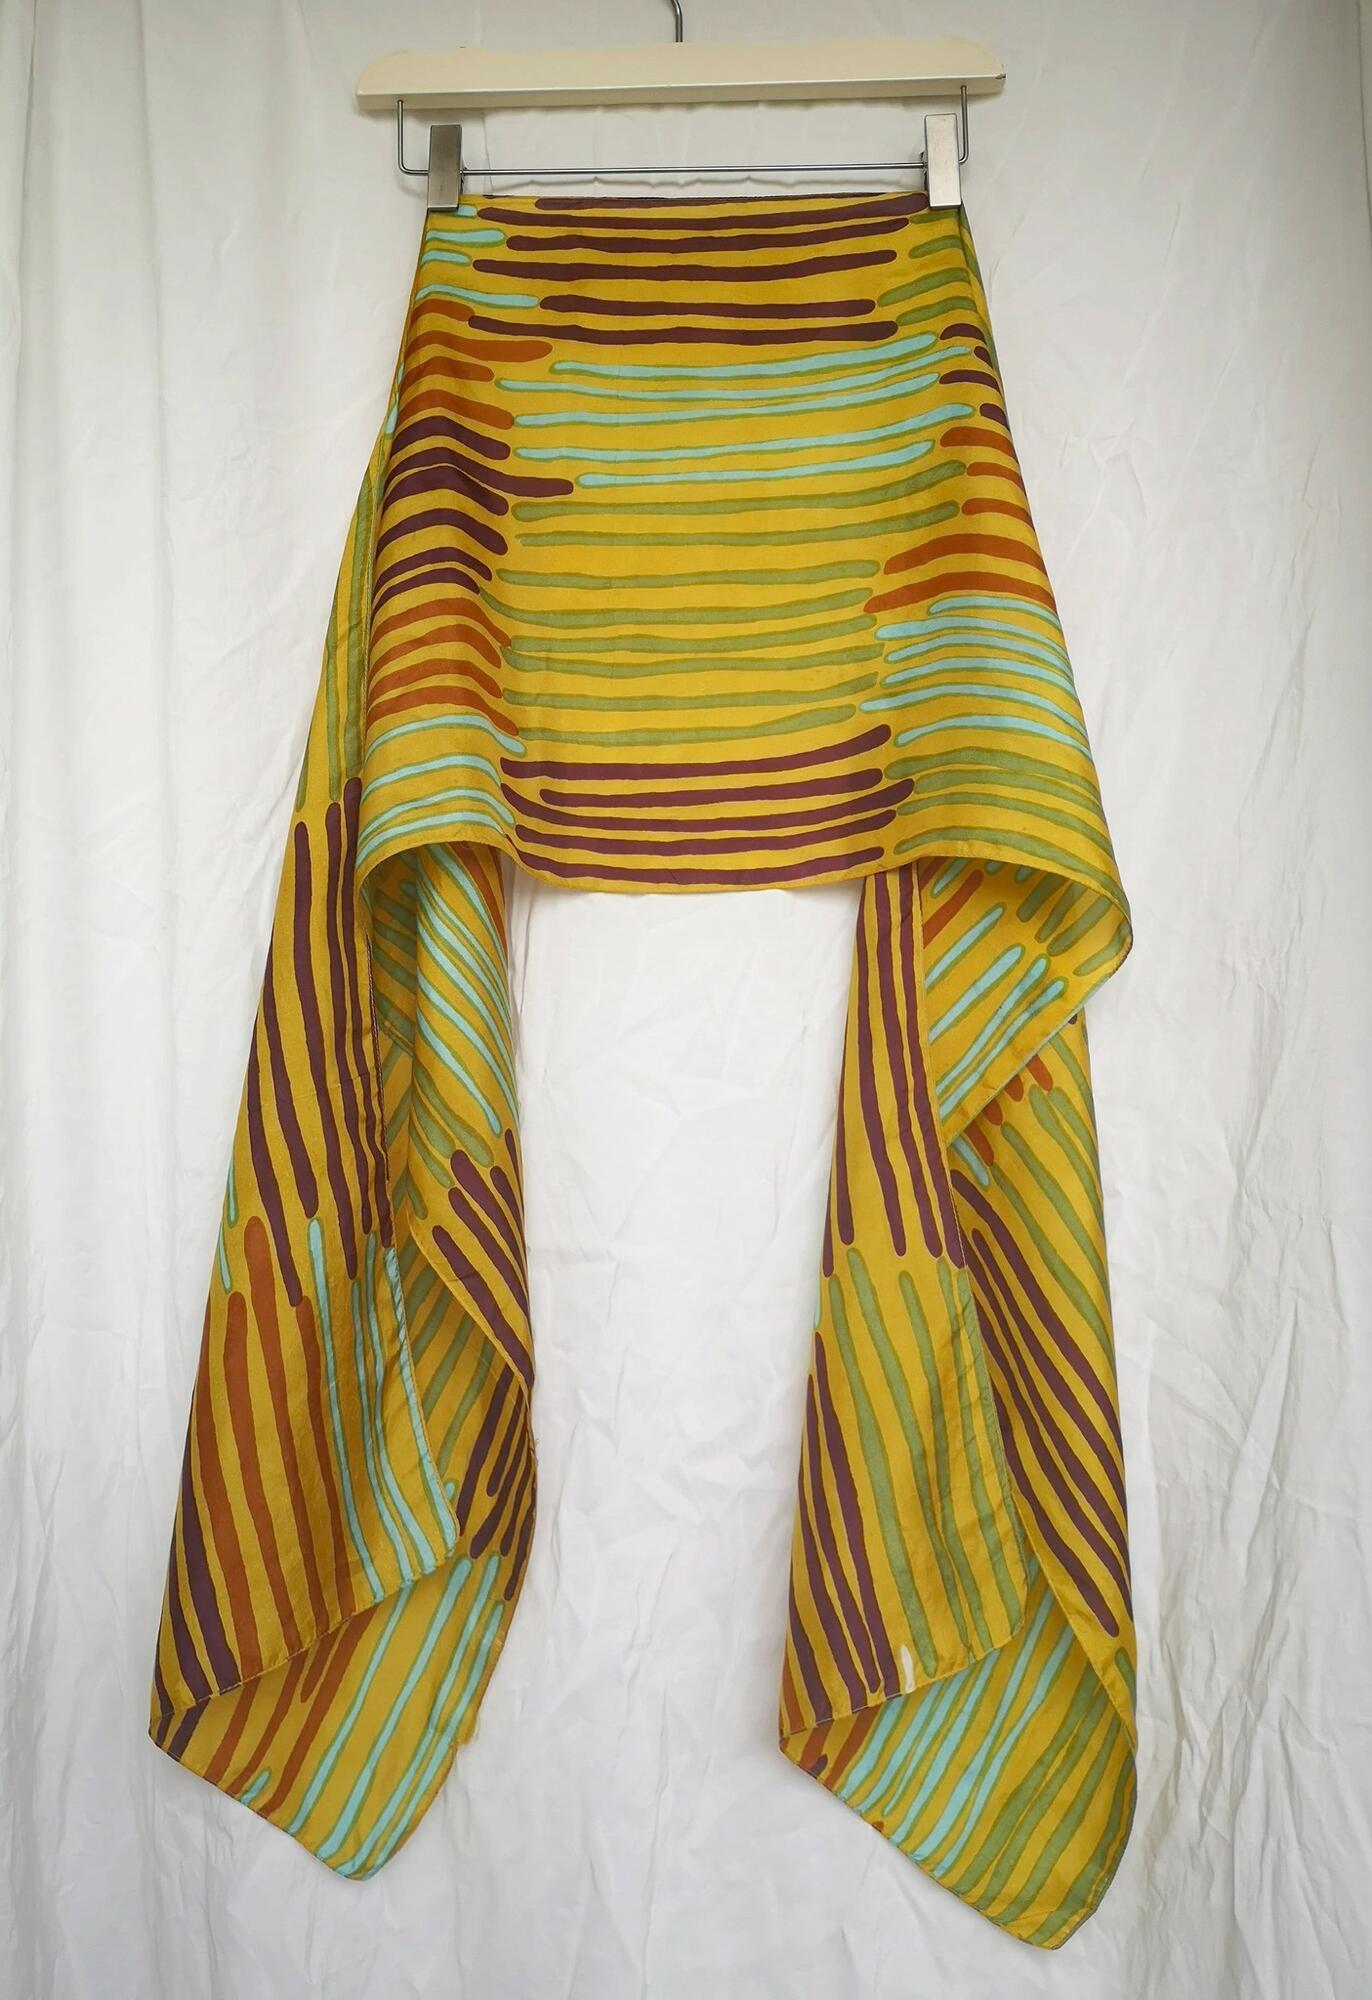 Długi, kolorowy szalik z jedwabiu - KEX Vintage Store | JestemSlow.pl